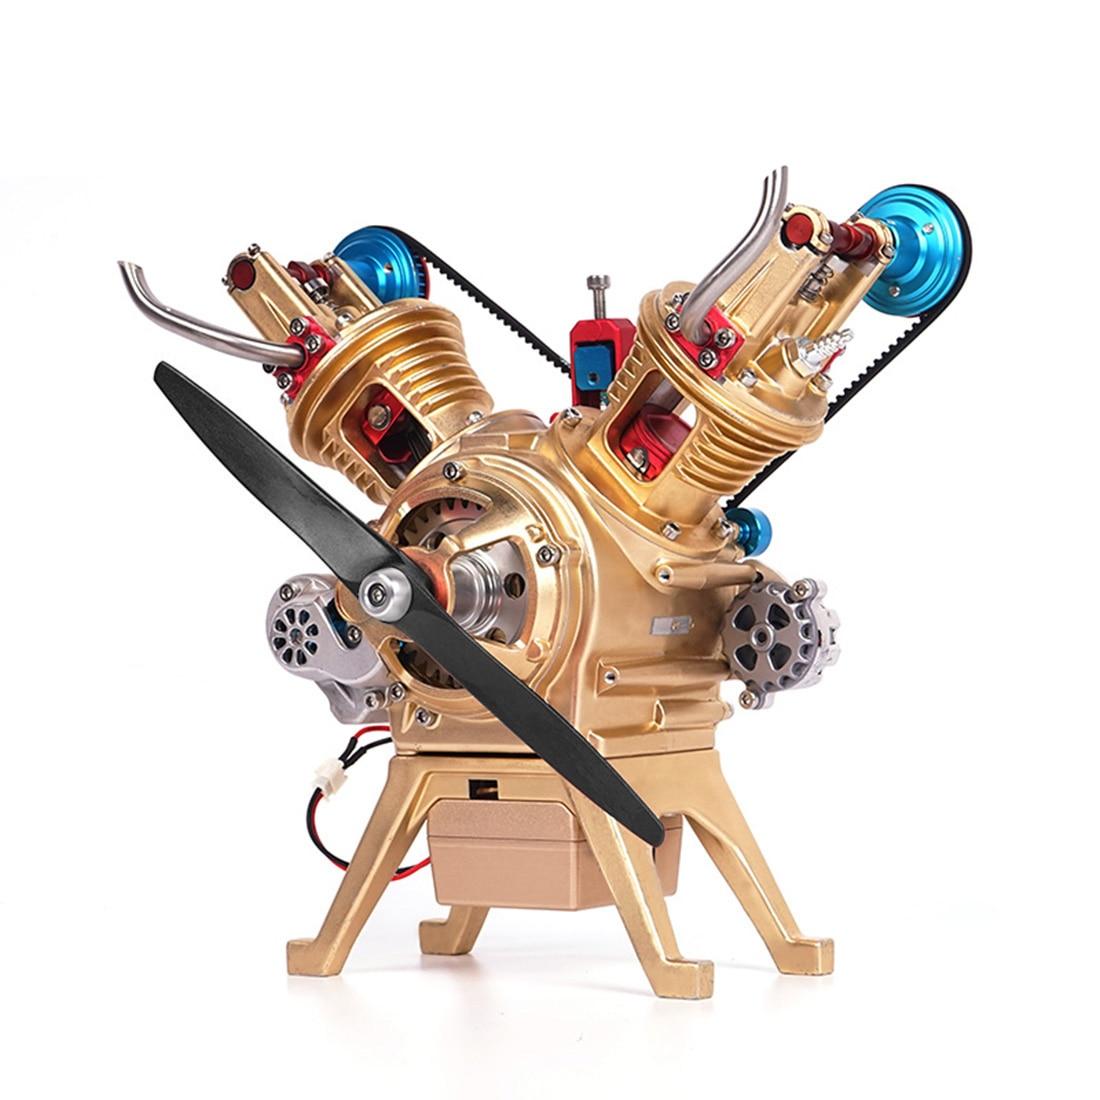 Voiture tout métal Mini assemblage manuel V2 Double cylindre moteur modèle jouet décoration (certaines pièces couleur aléatoire)